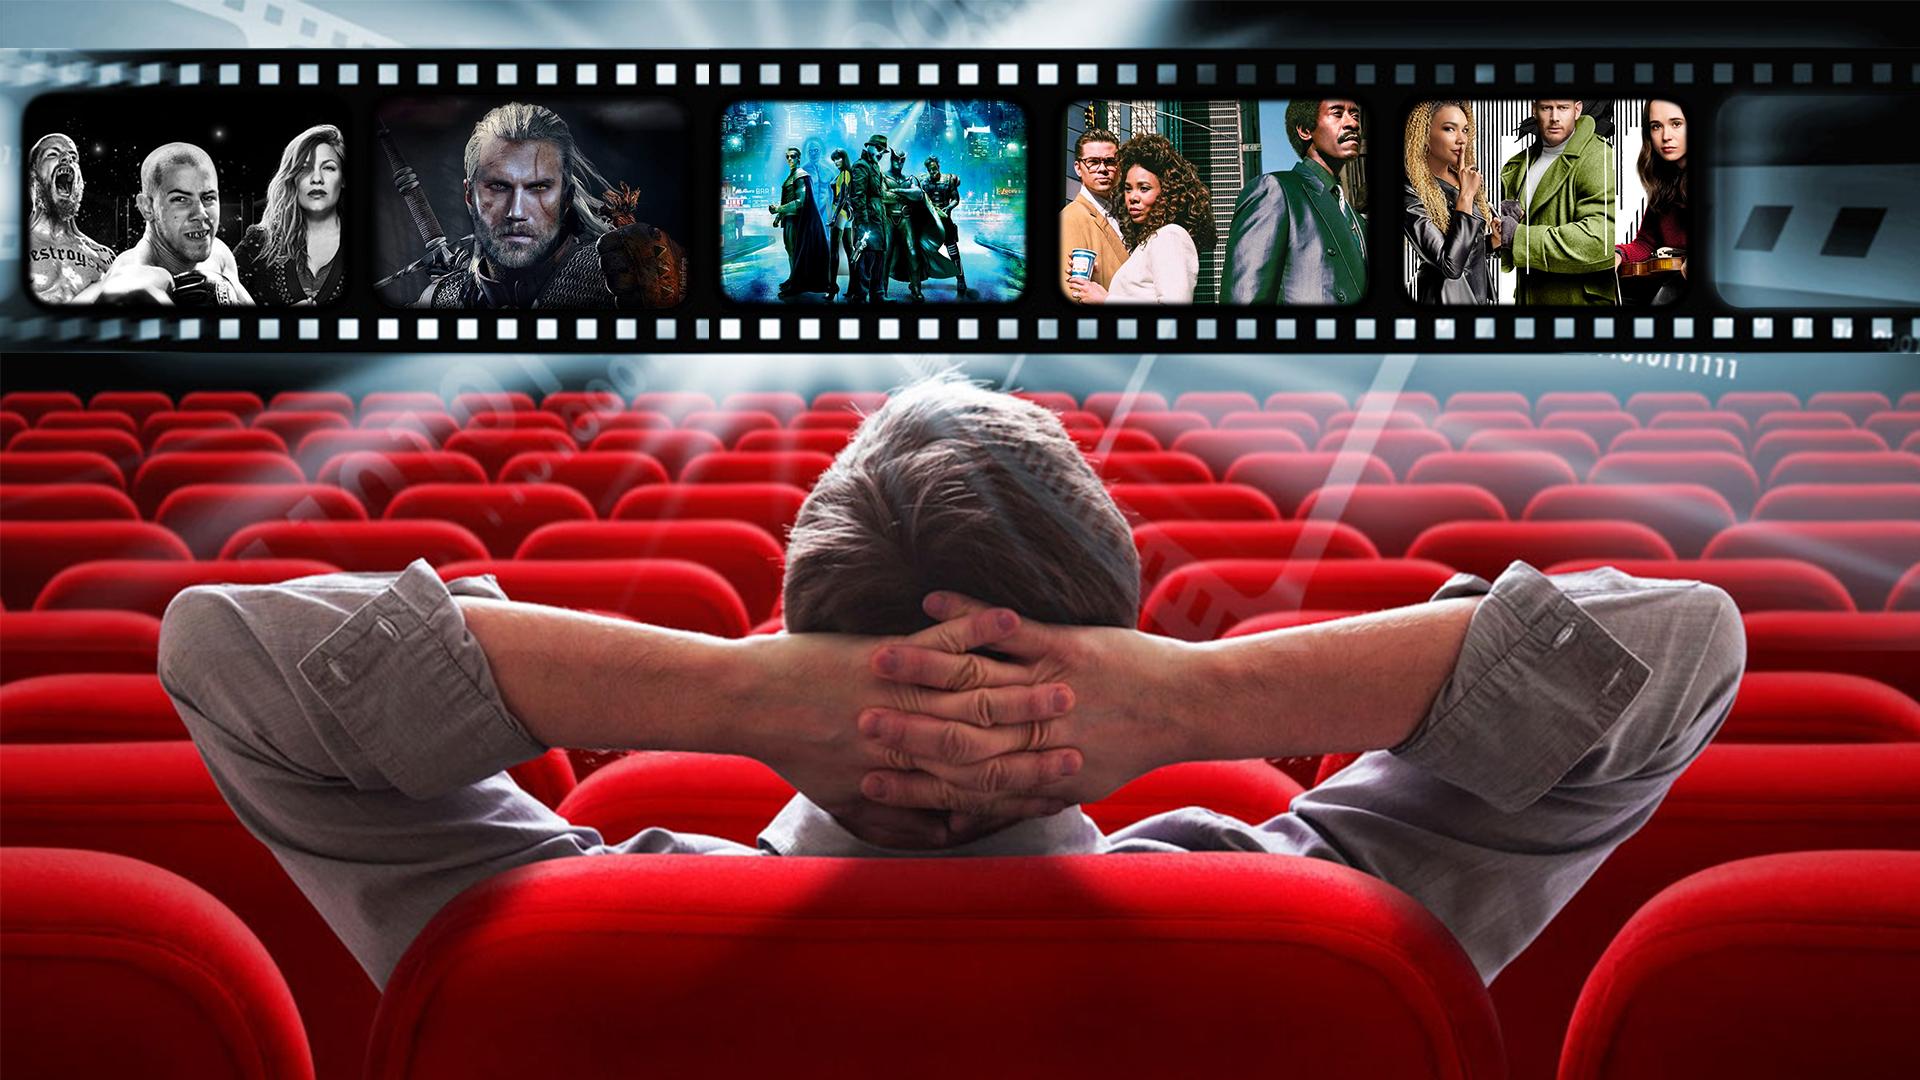 Популярные фильмы и сериалы: где посмотреть их онлайн, особенности выбора и преимущества просмотра